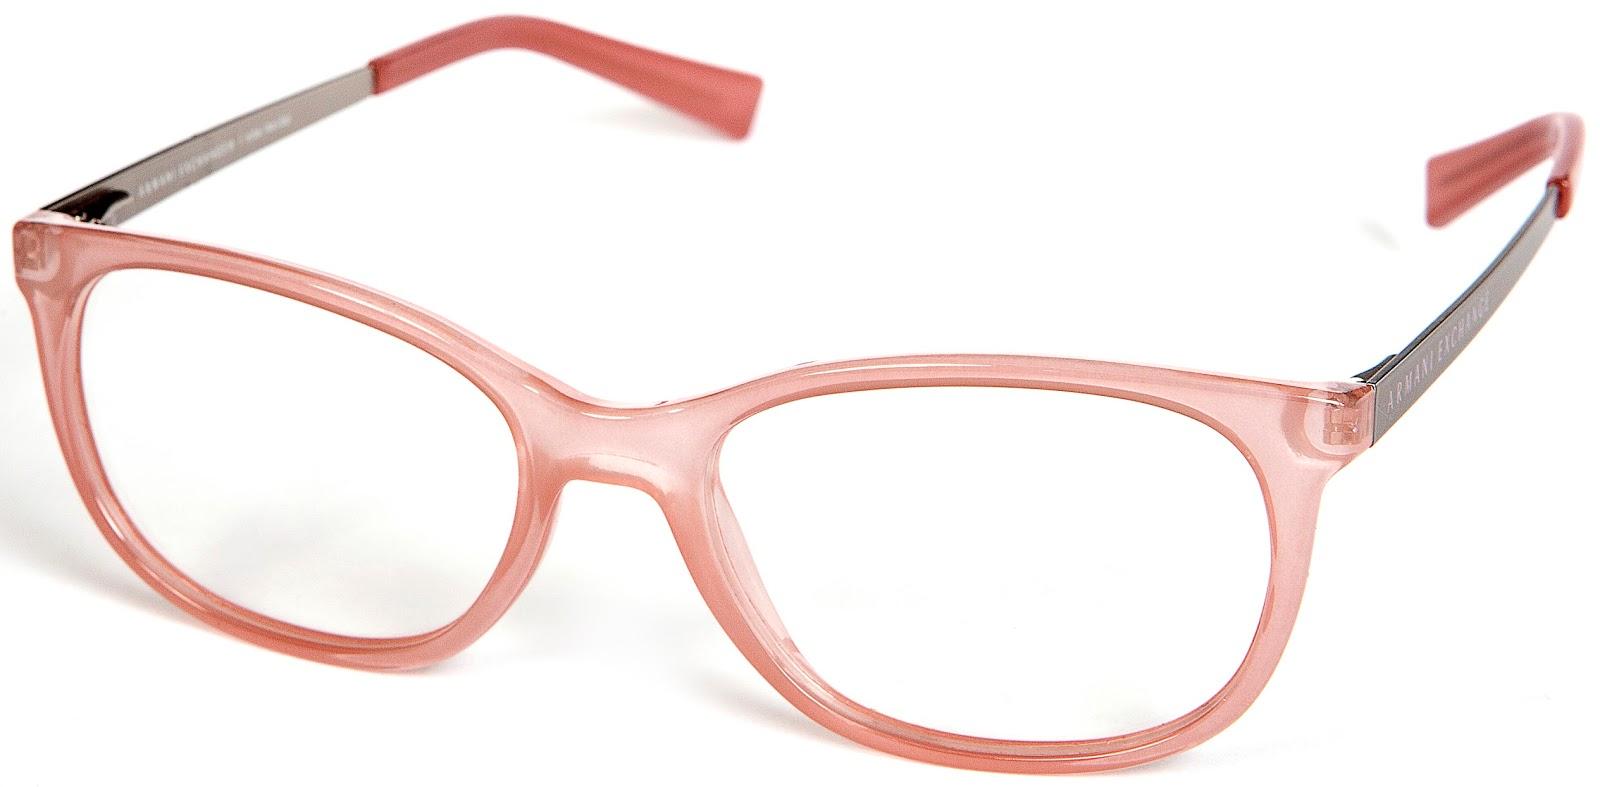 7255ef3c08a29 Oticas Carol Preços De Oculos De Sol – Southern California Weather Force